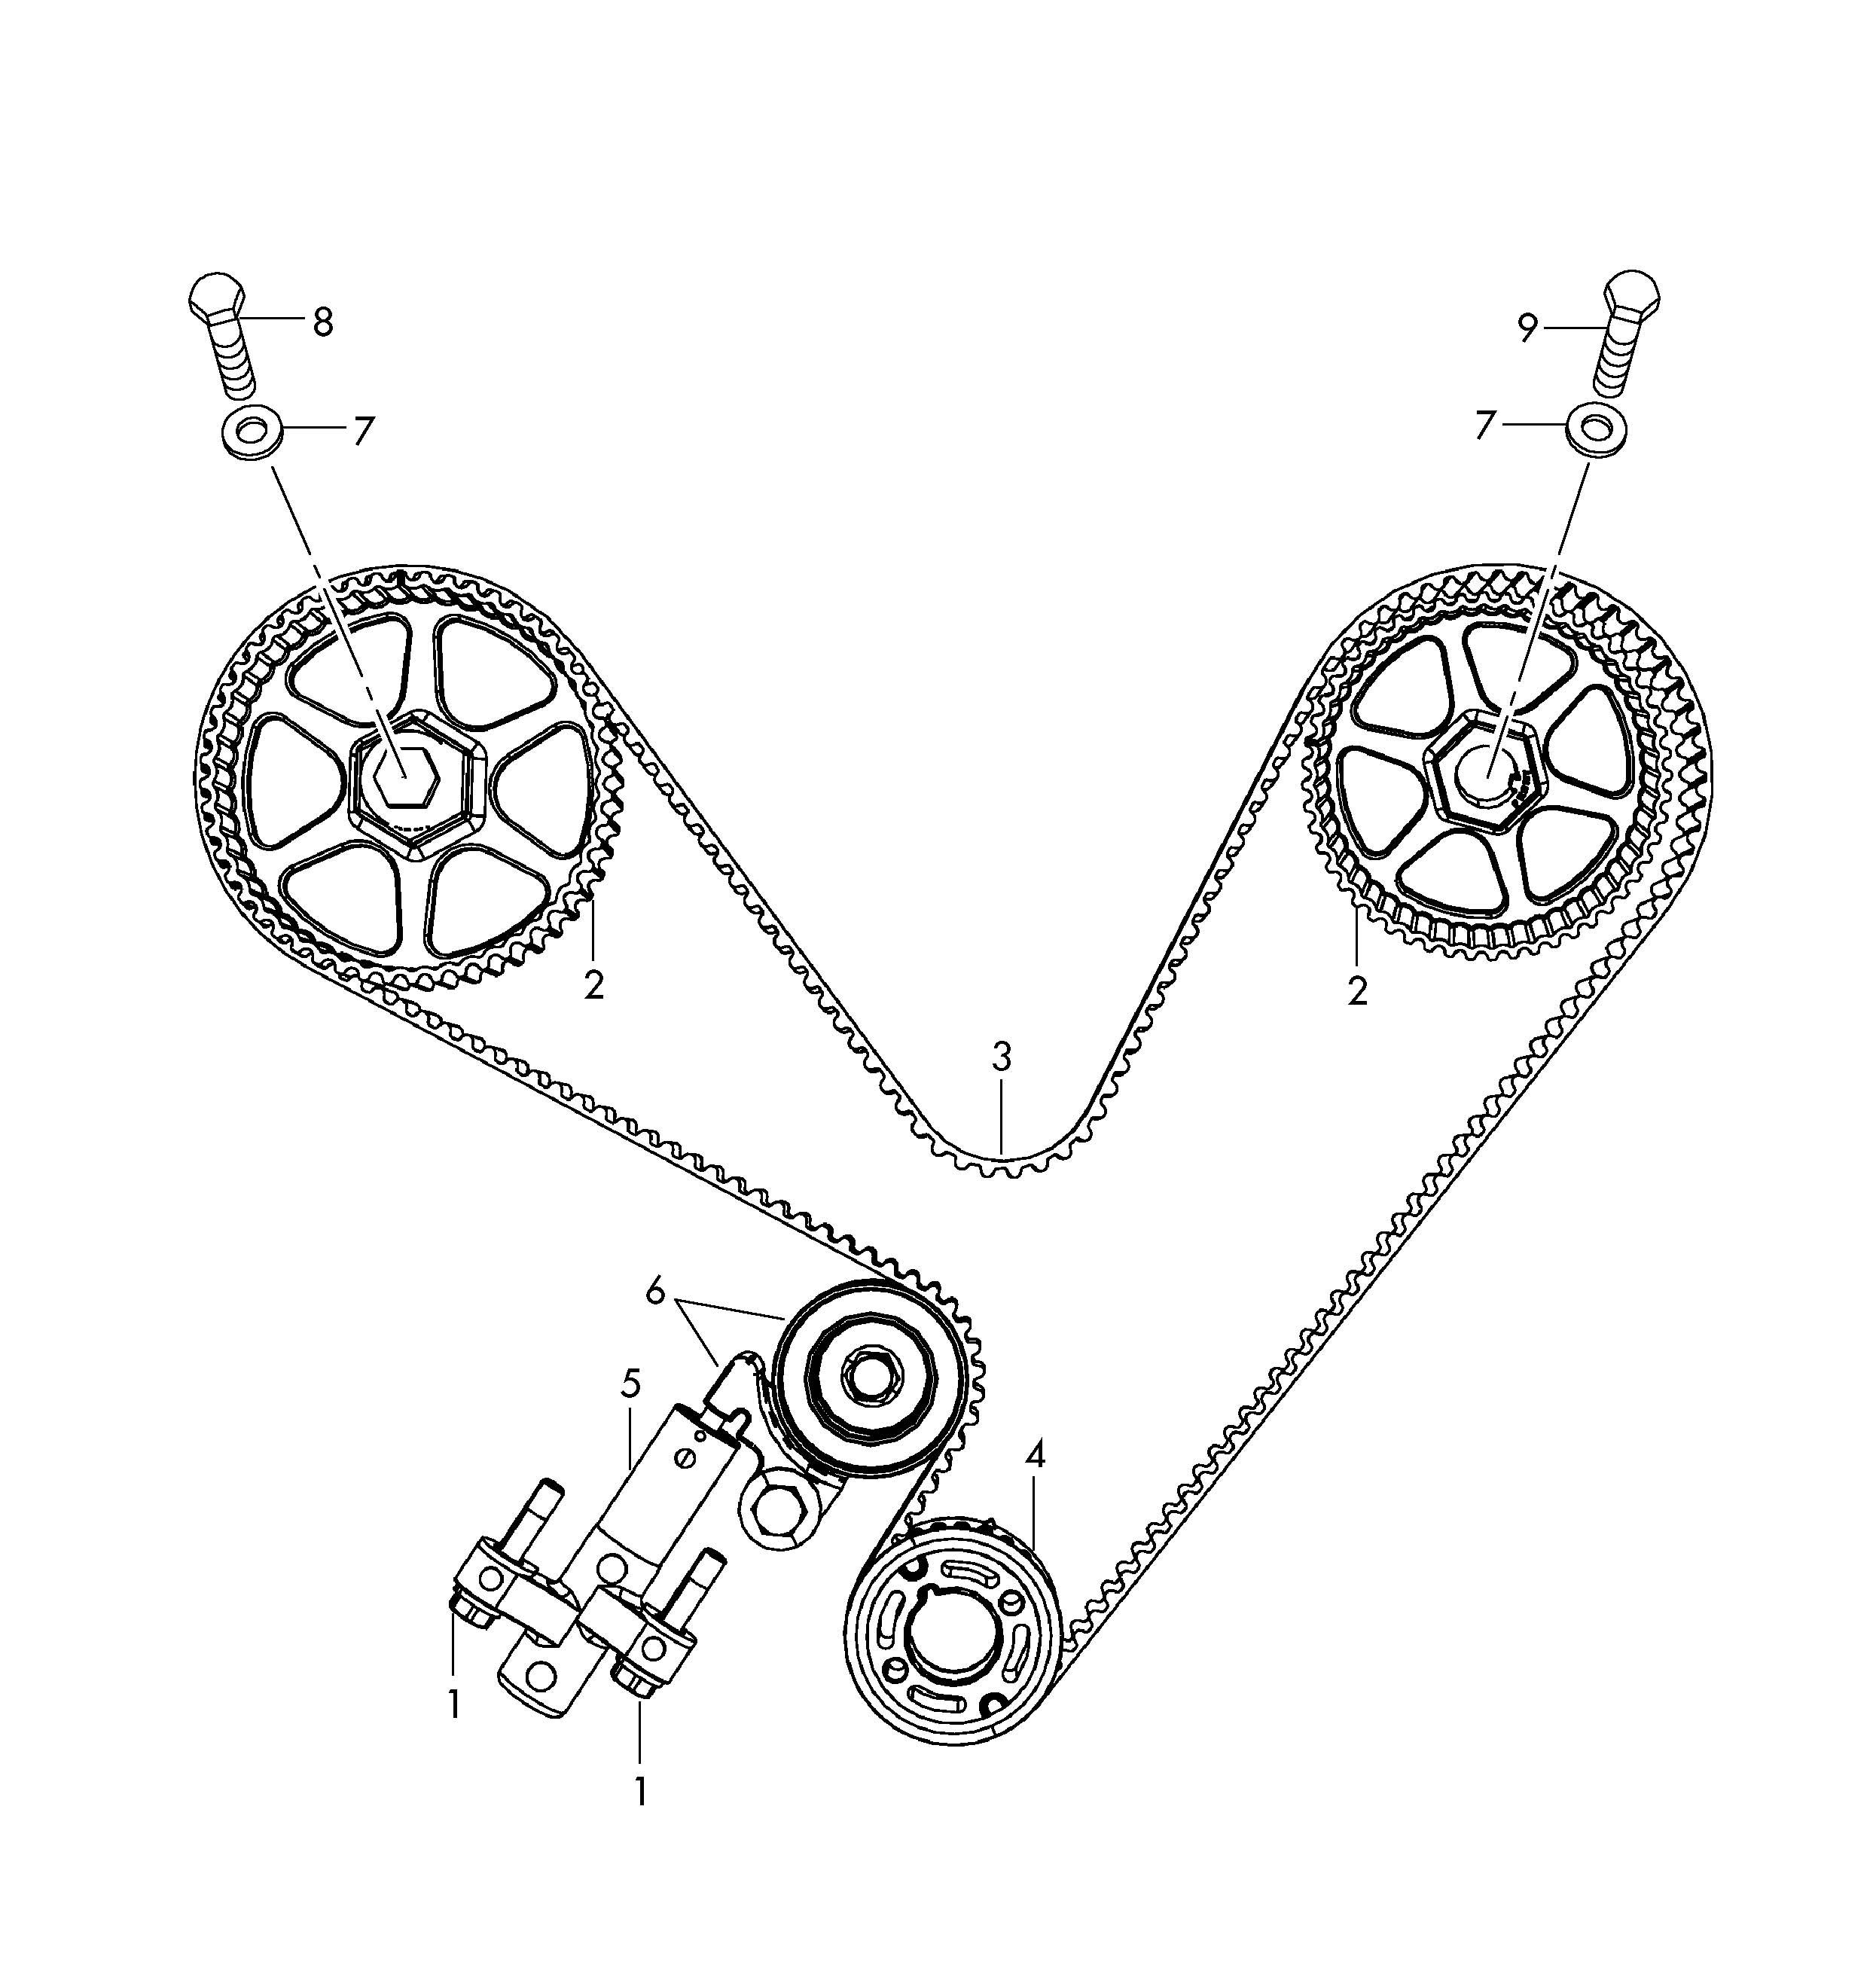 Service manual [2012 Volkswagen Routan Crankshaft Timing